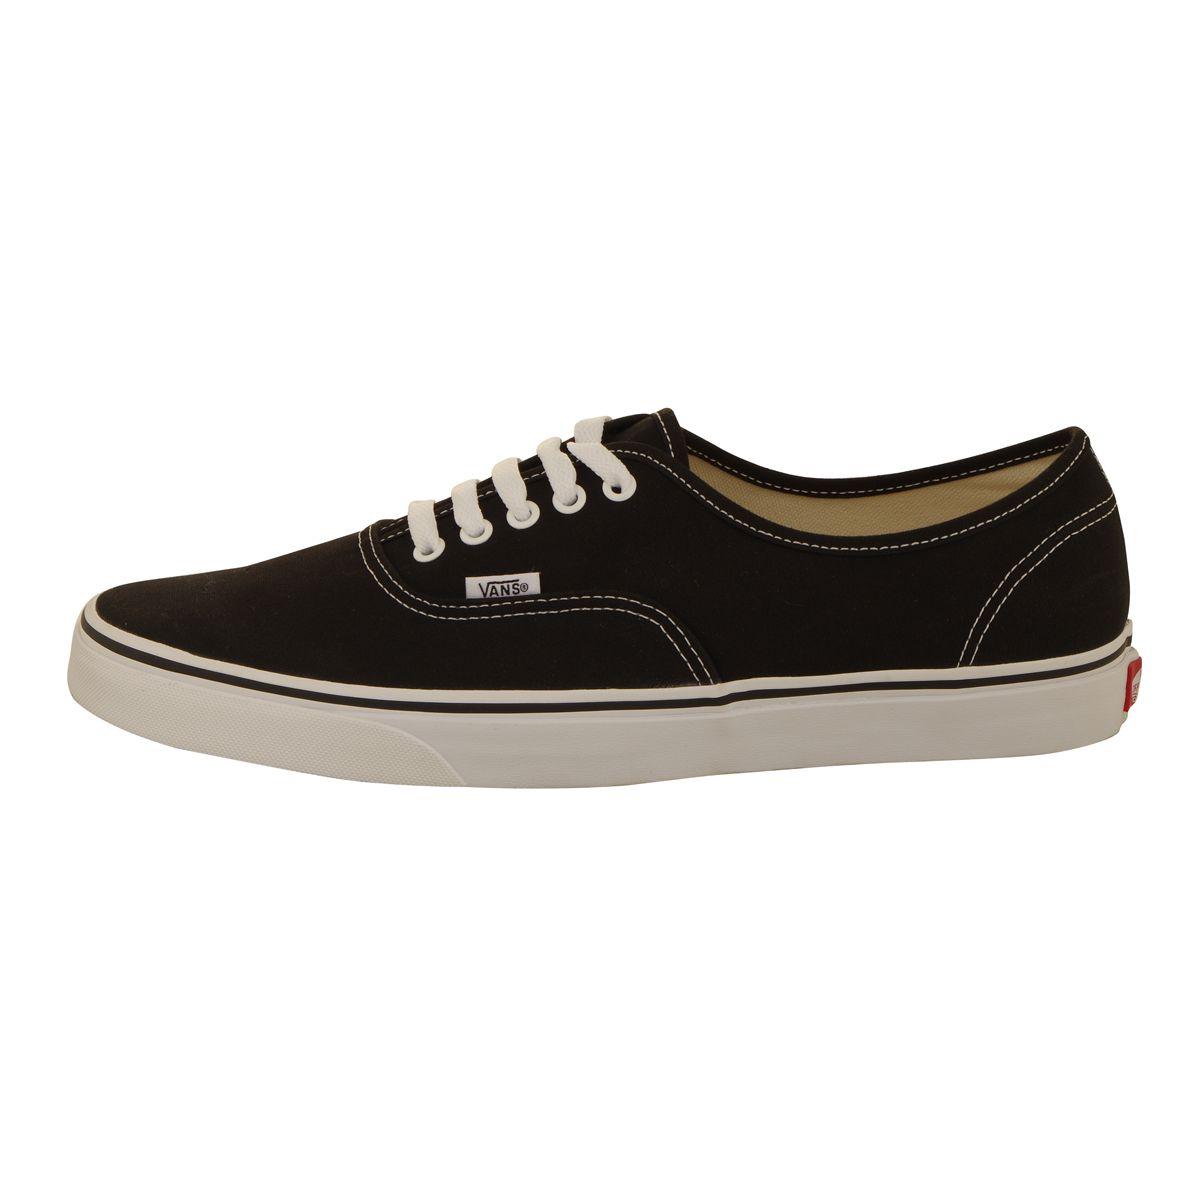 chaussures authentic noir grande taille du 47 au 50. Black Bedroom Furniture Sets. Home Design Ideas